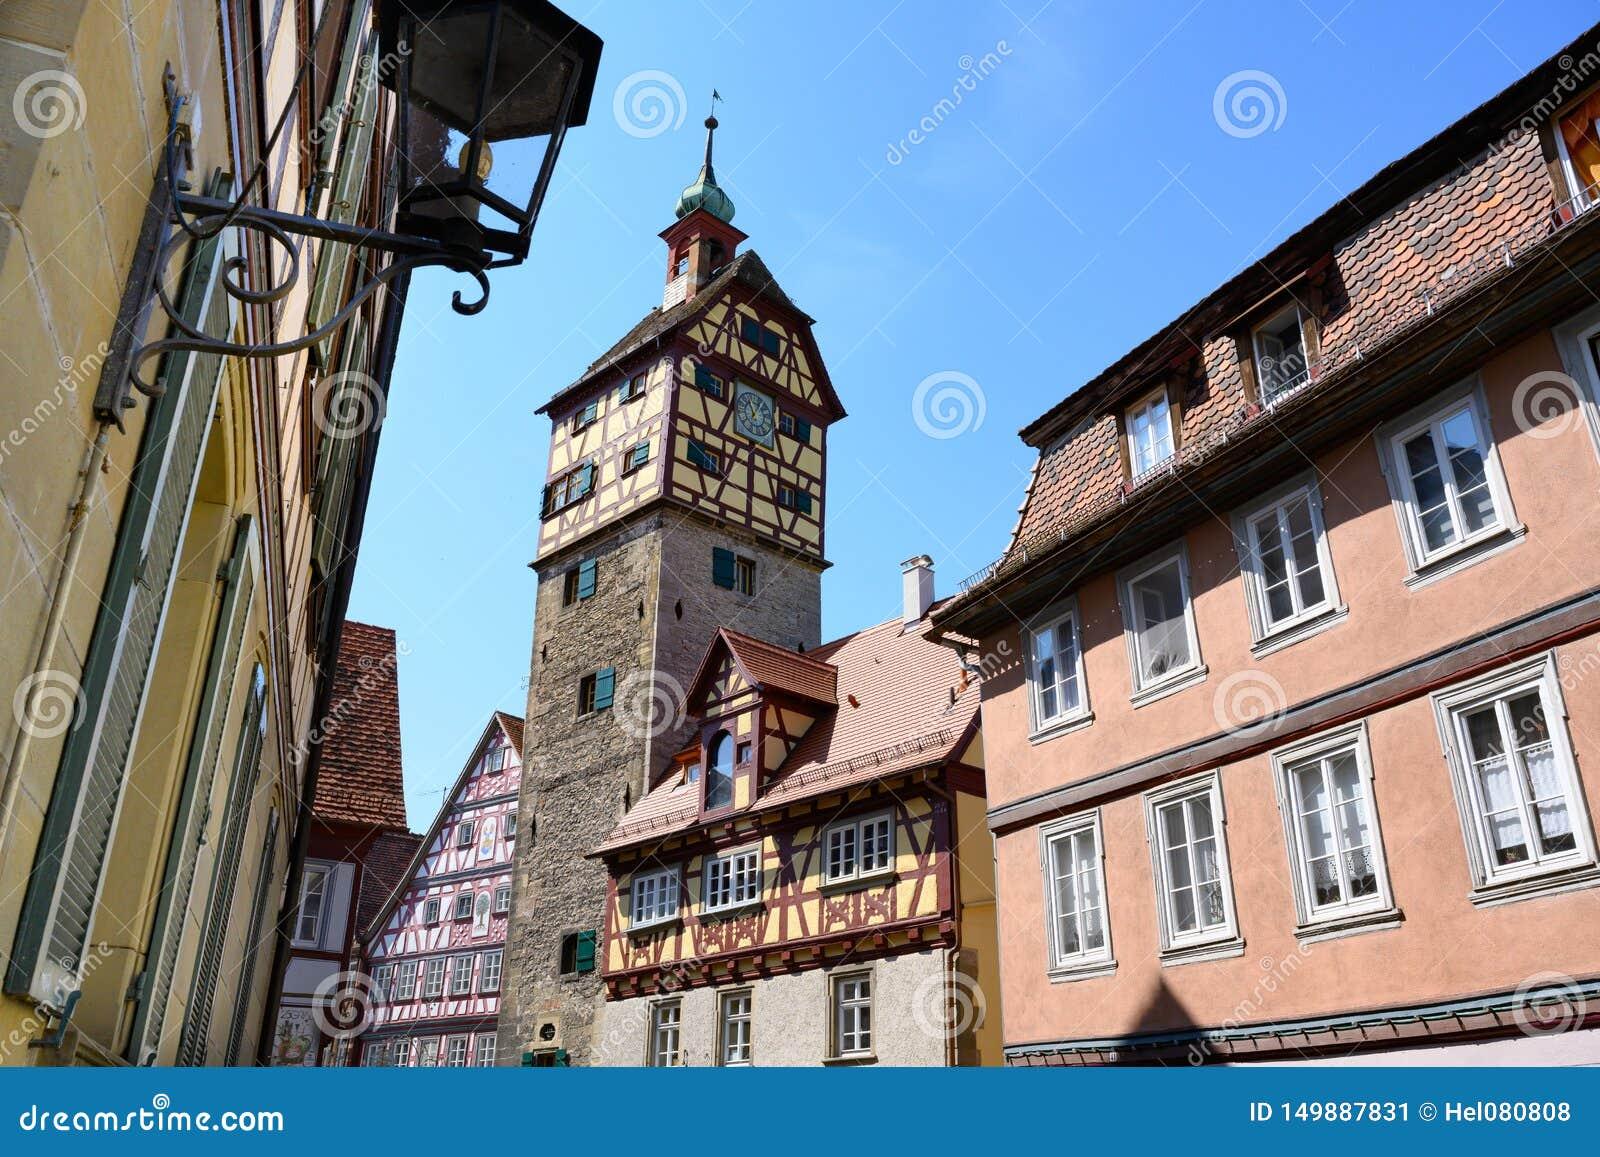 历史的房子,城市墙壁- Josenturm塔-在施韦比施哈尔县,德国